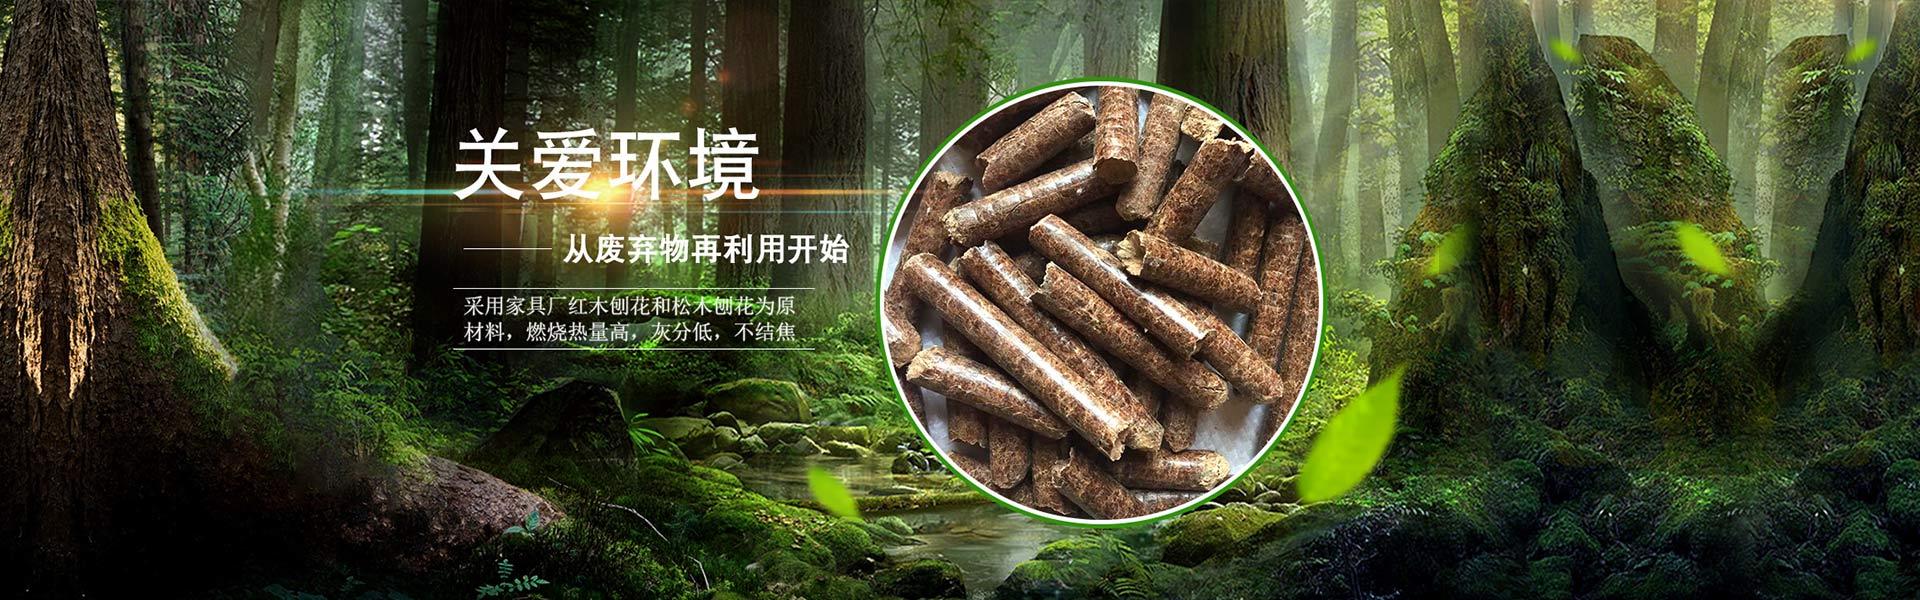 兴义betvictor32mobi伟德国际亚洲中文网厂家